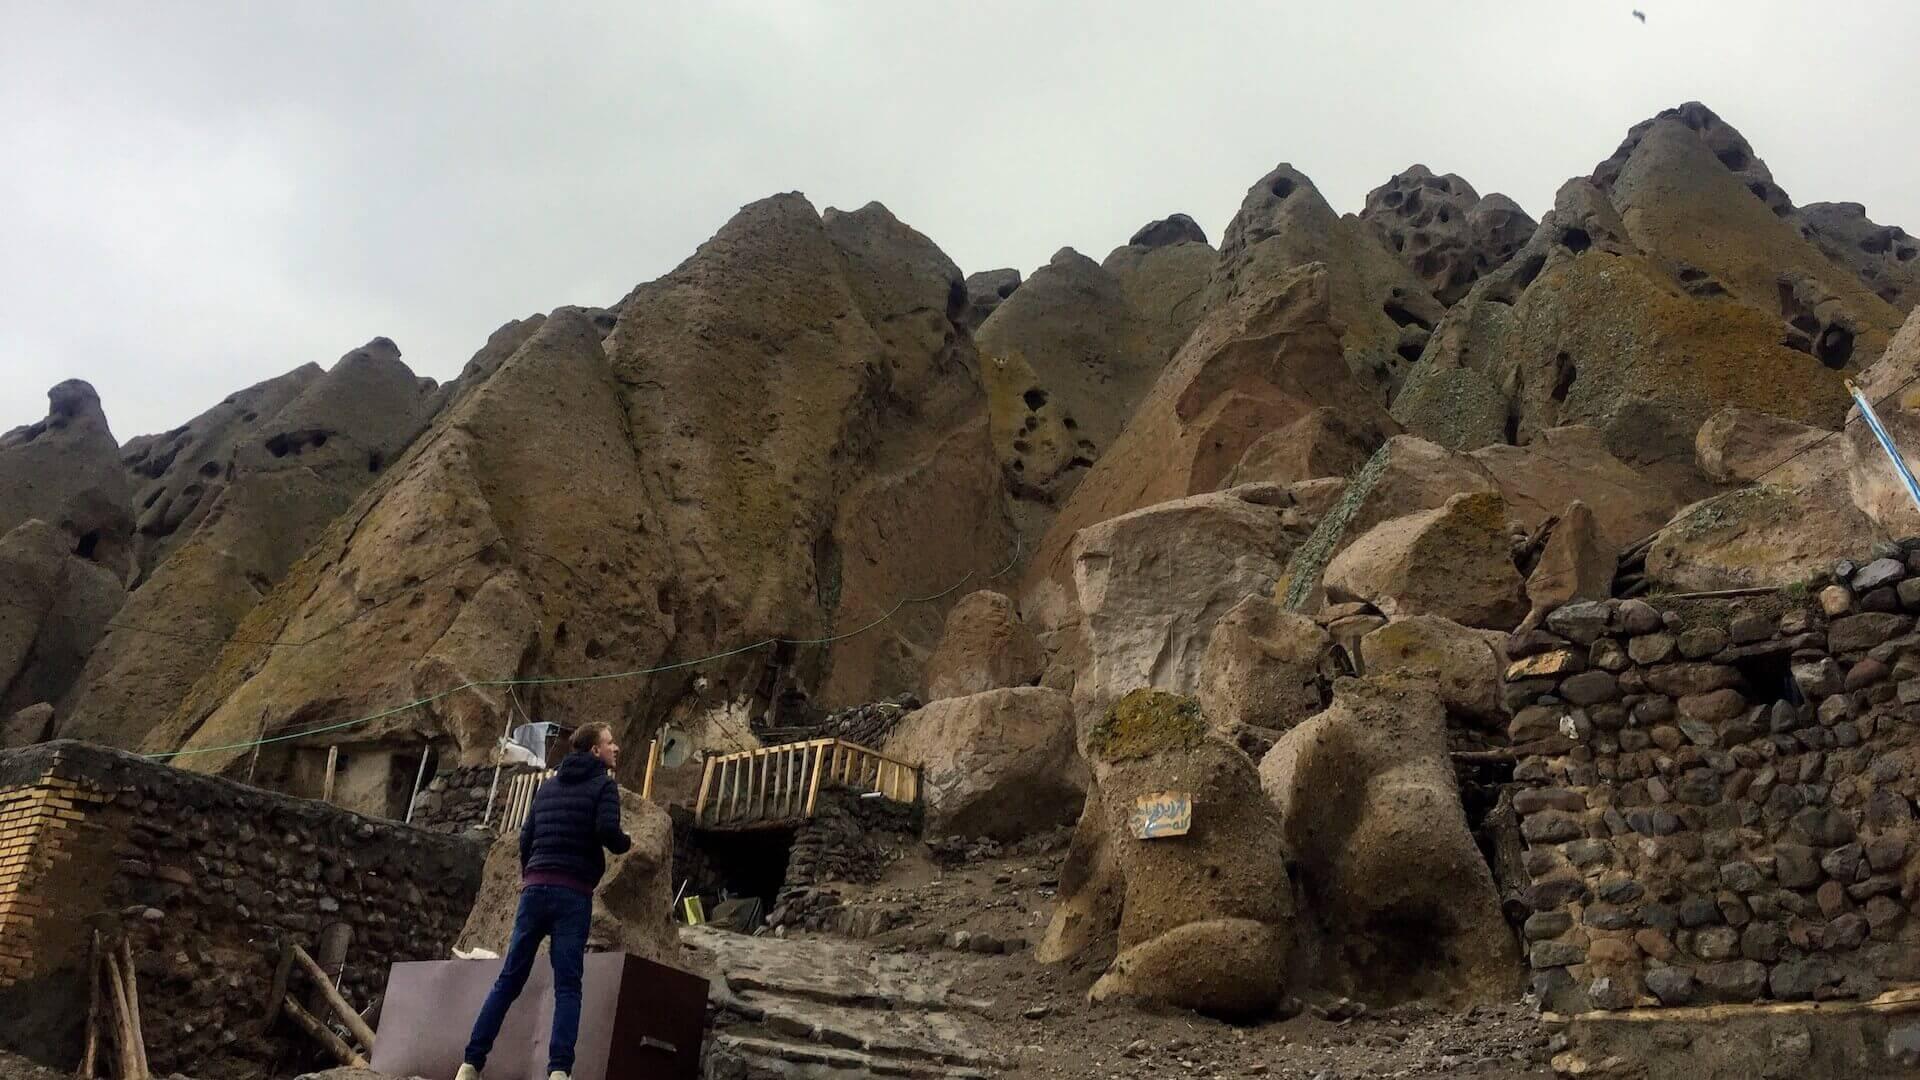 Mannelijke backpacker kijkt uit over de rotswoningen van Kandovan in Iran